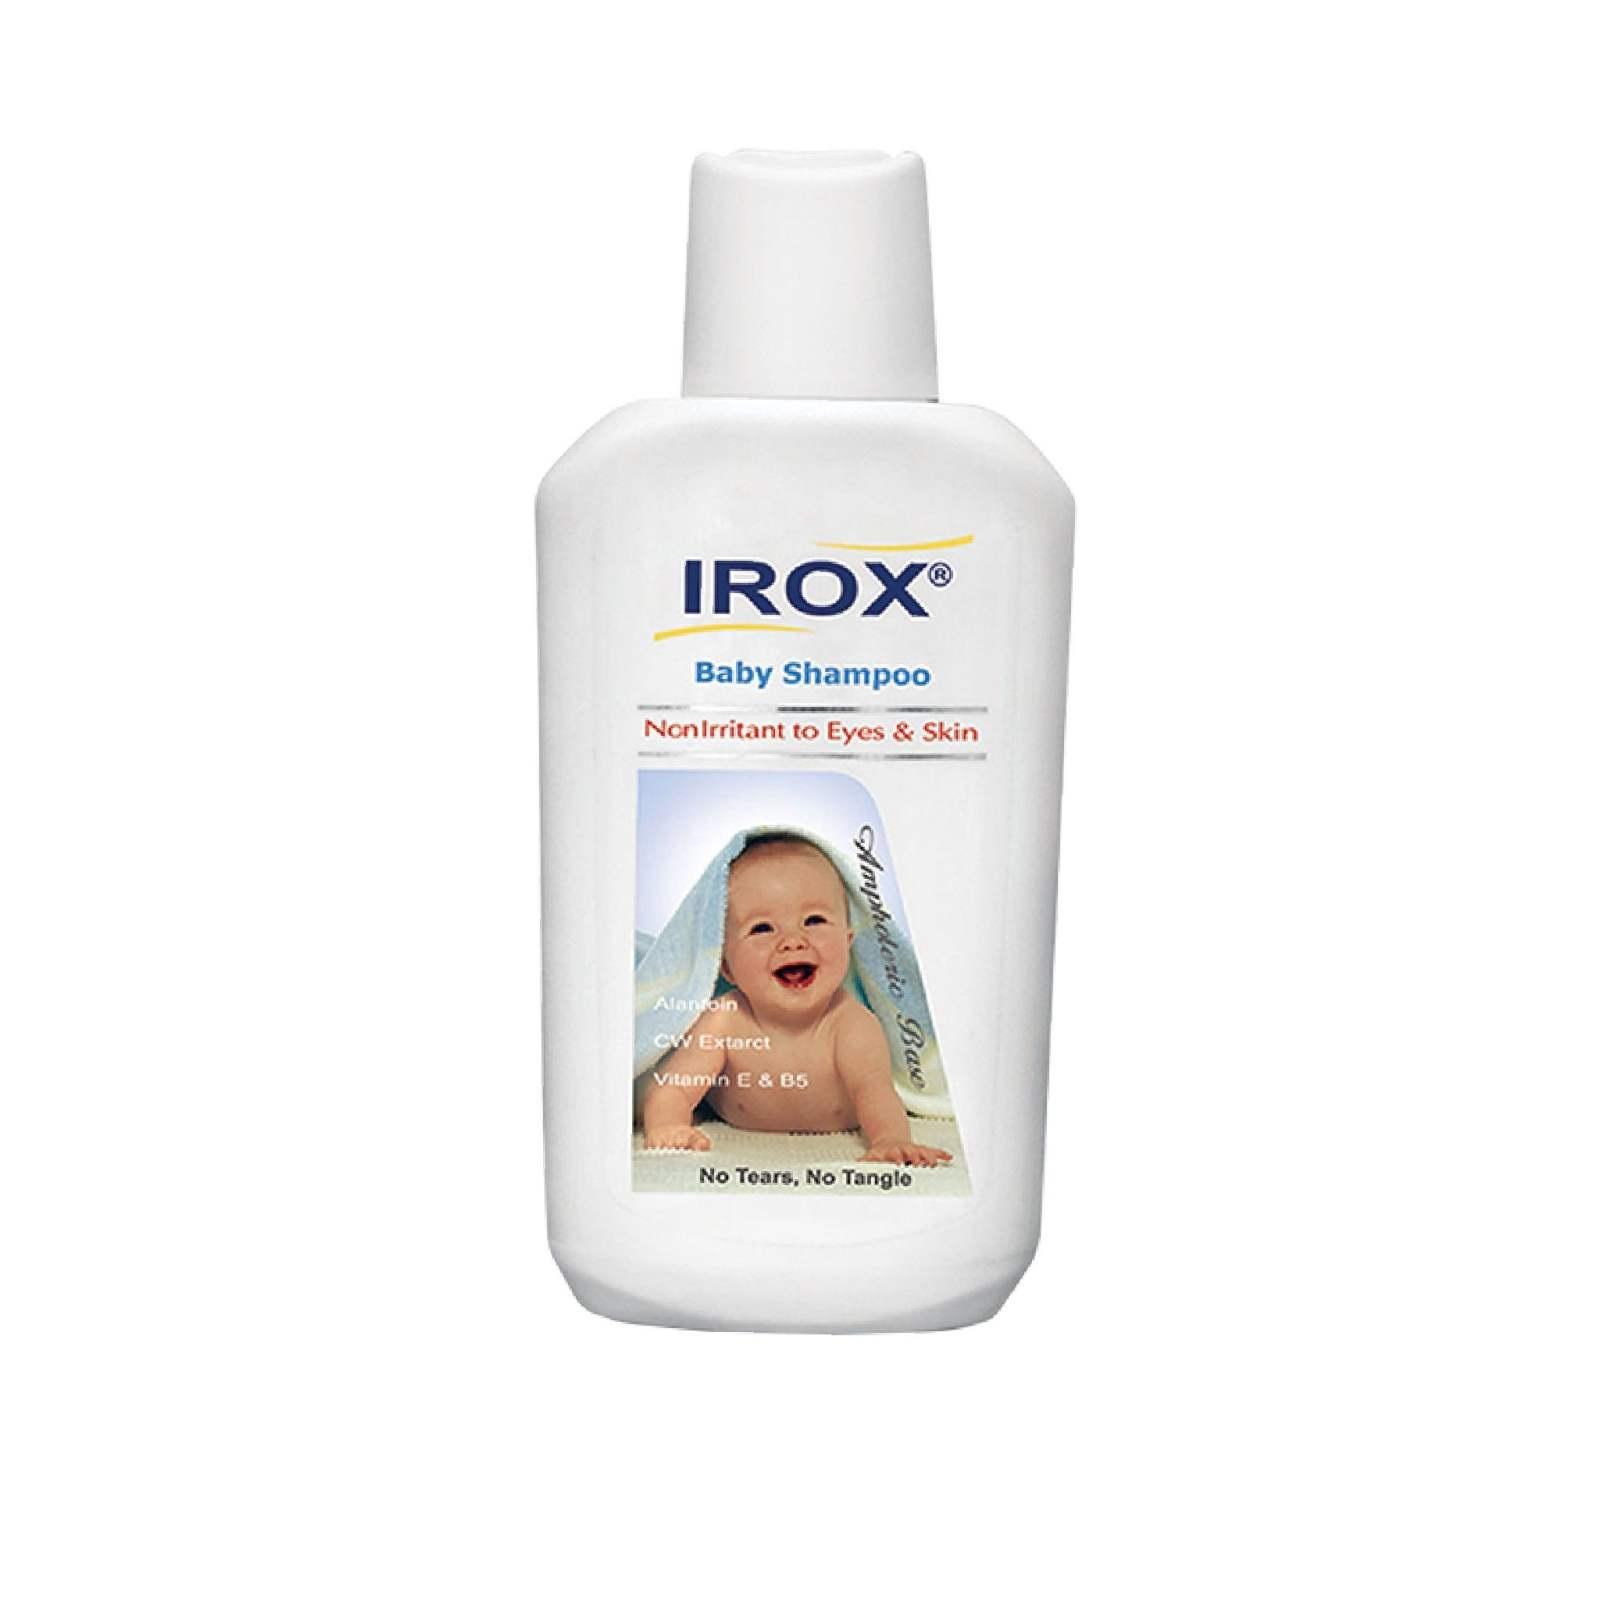 بهترین شامپو بچه 2020 برای مو و بدن کودک